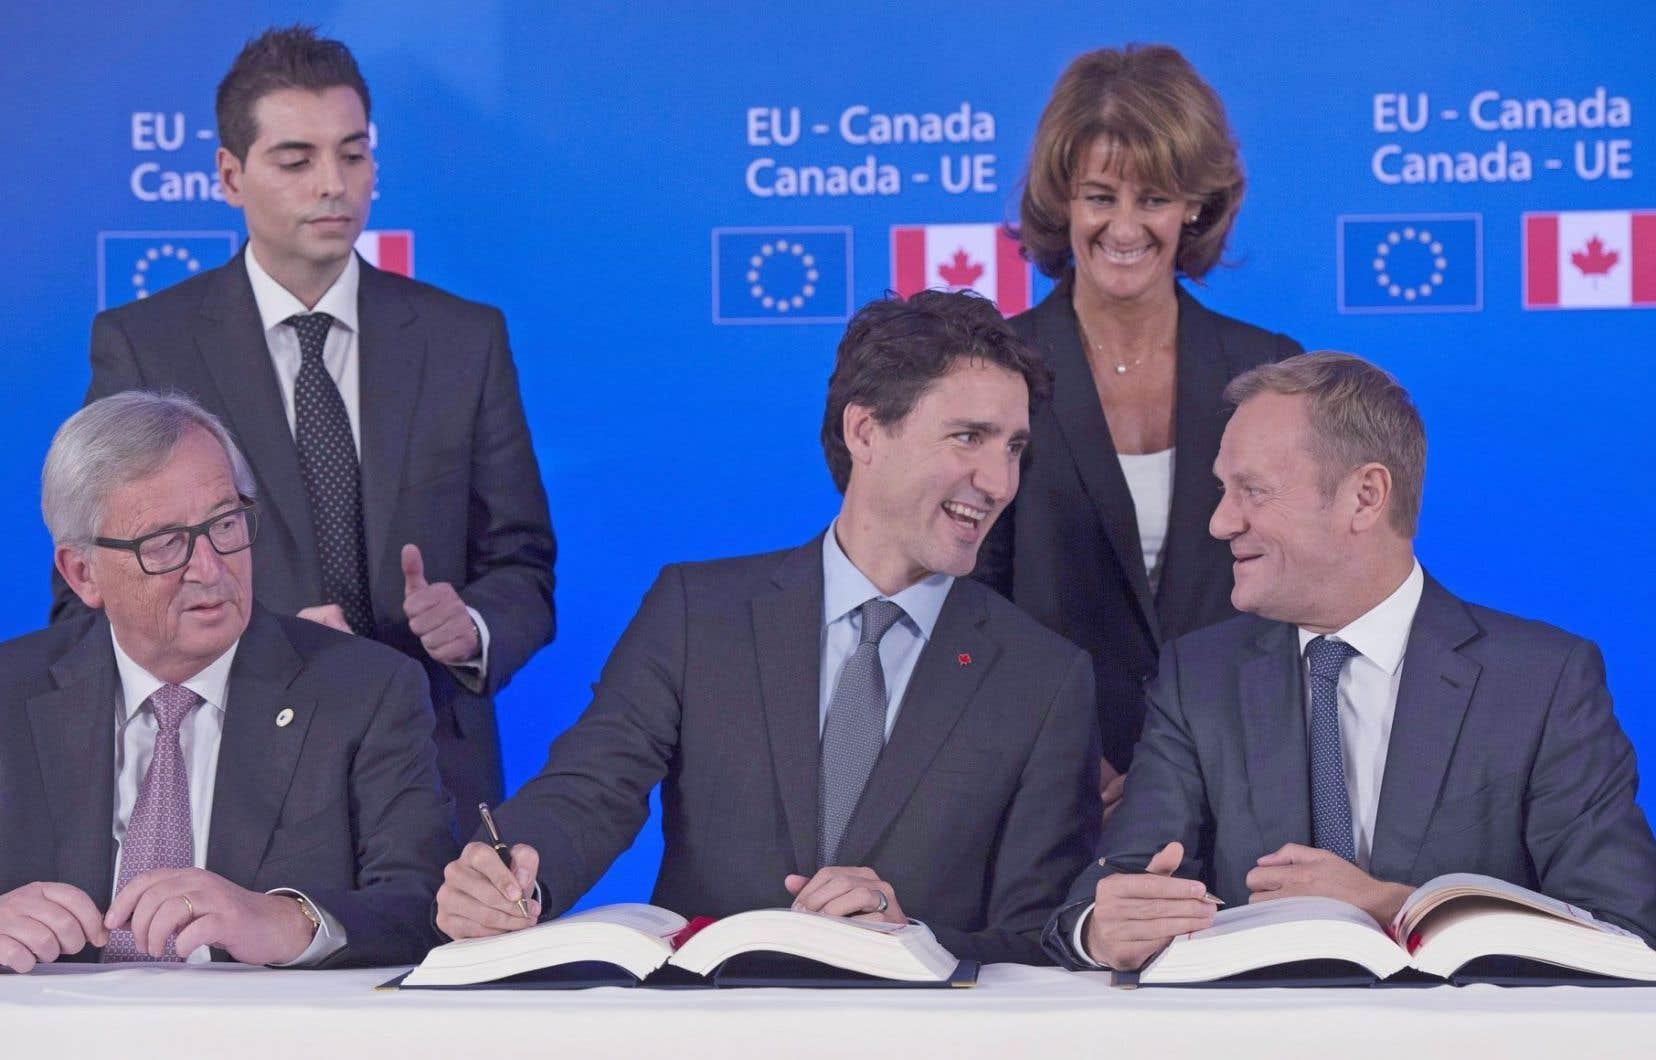 Le président de la Commission européenne, Jean-Claude Juncker, le premier ministre, Justin Trudeau, et le président du Conseil européen, Donald Tusk, ont paraphé l'accord dimanche.